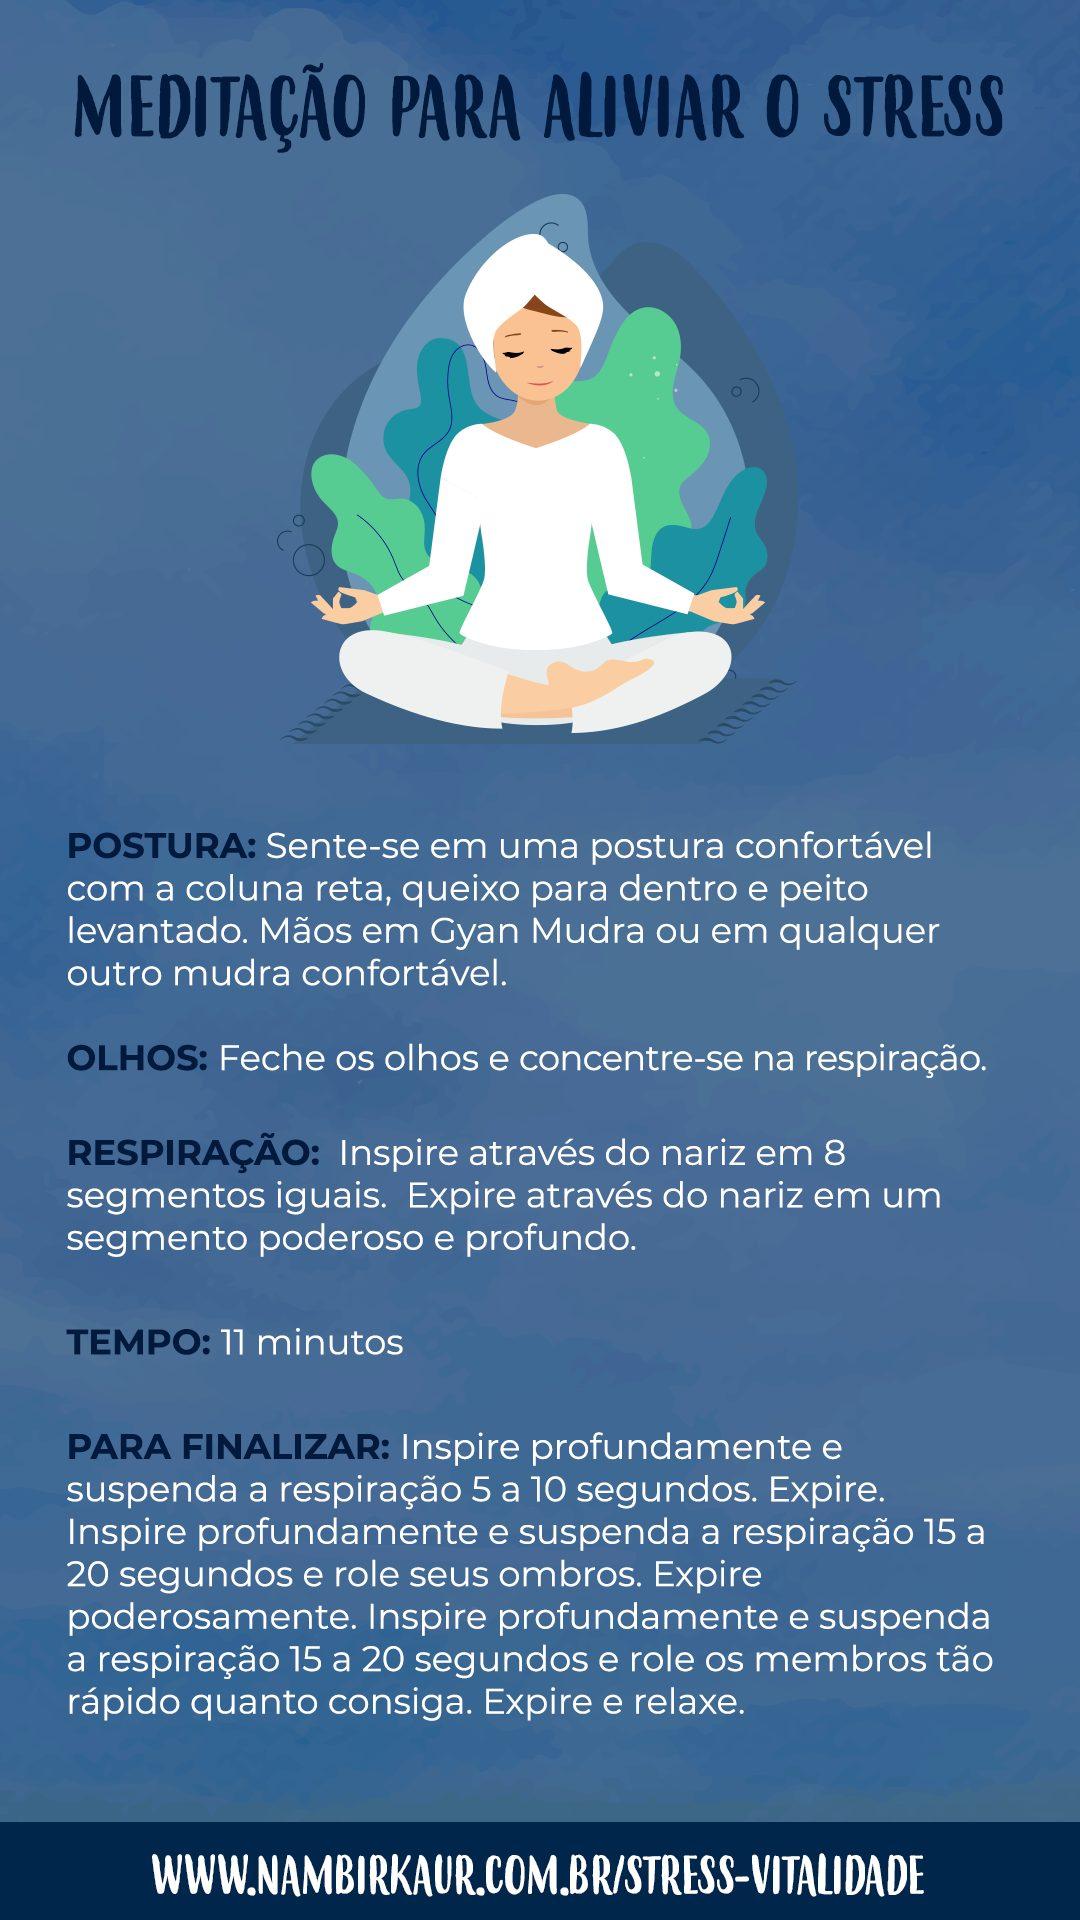 Meditação para aliviar o stress